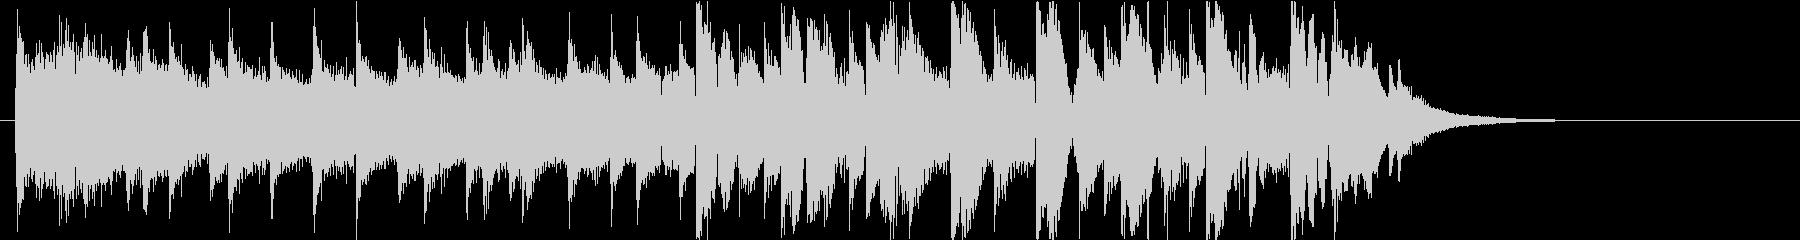 【ジングル】EDM・さわやか・後半ビートの未再生の波形